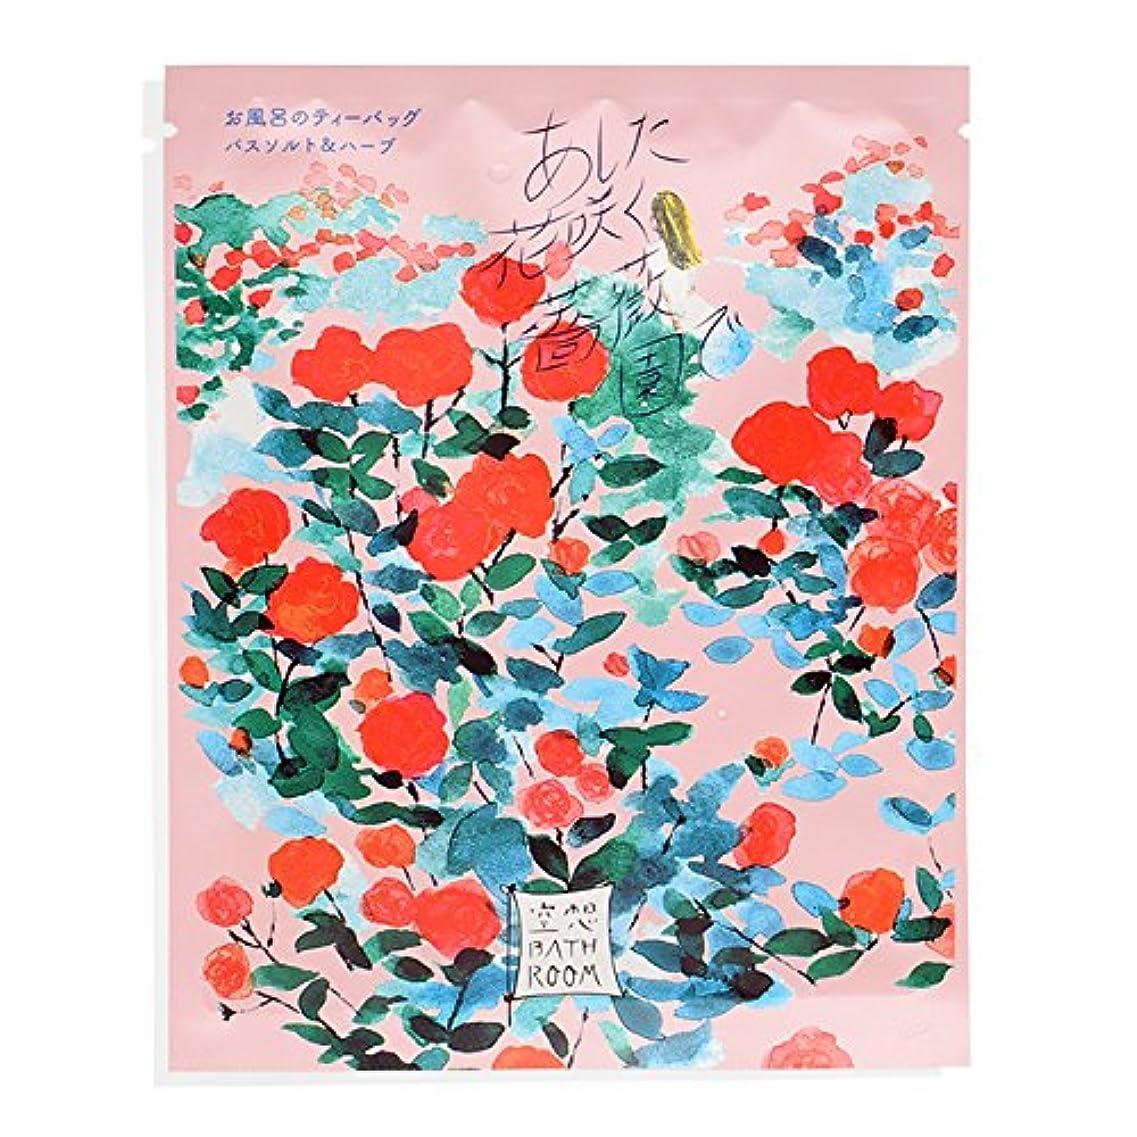 ちっちゃいインレイプロトタイプチャーリー 空想バスルーム あした花咲く薔薇園で 30g